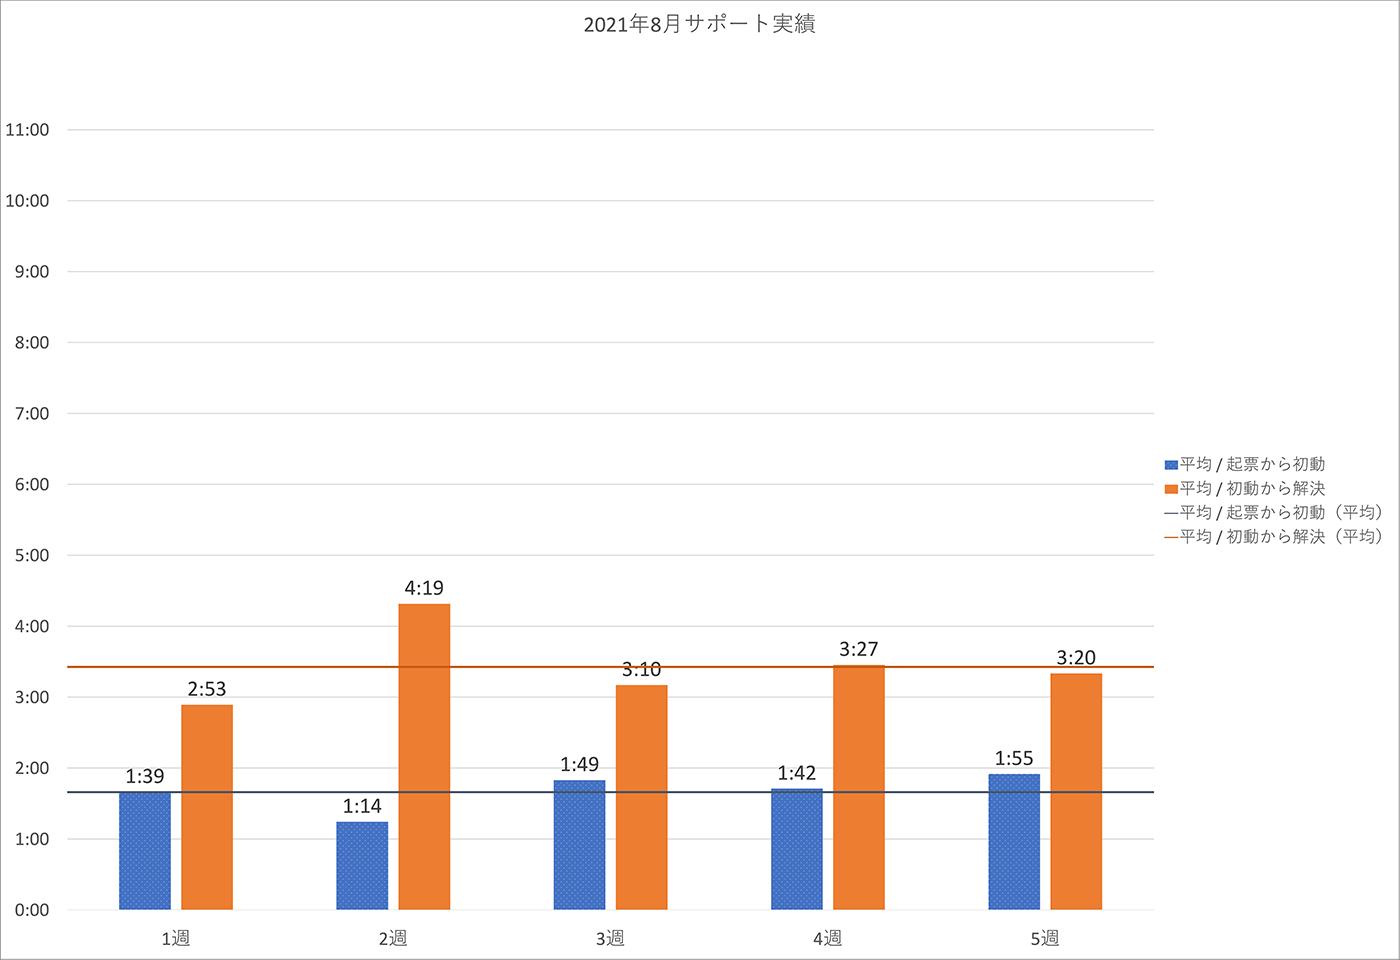 2021年8月の PowerCMS X サポート平均時間の週別棒グラフ。詳細は表を参照。